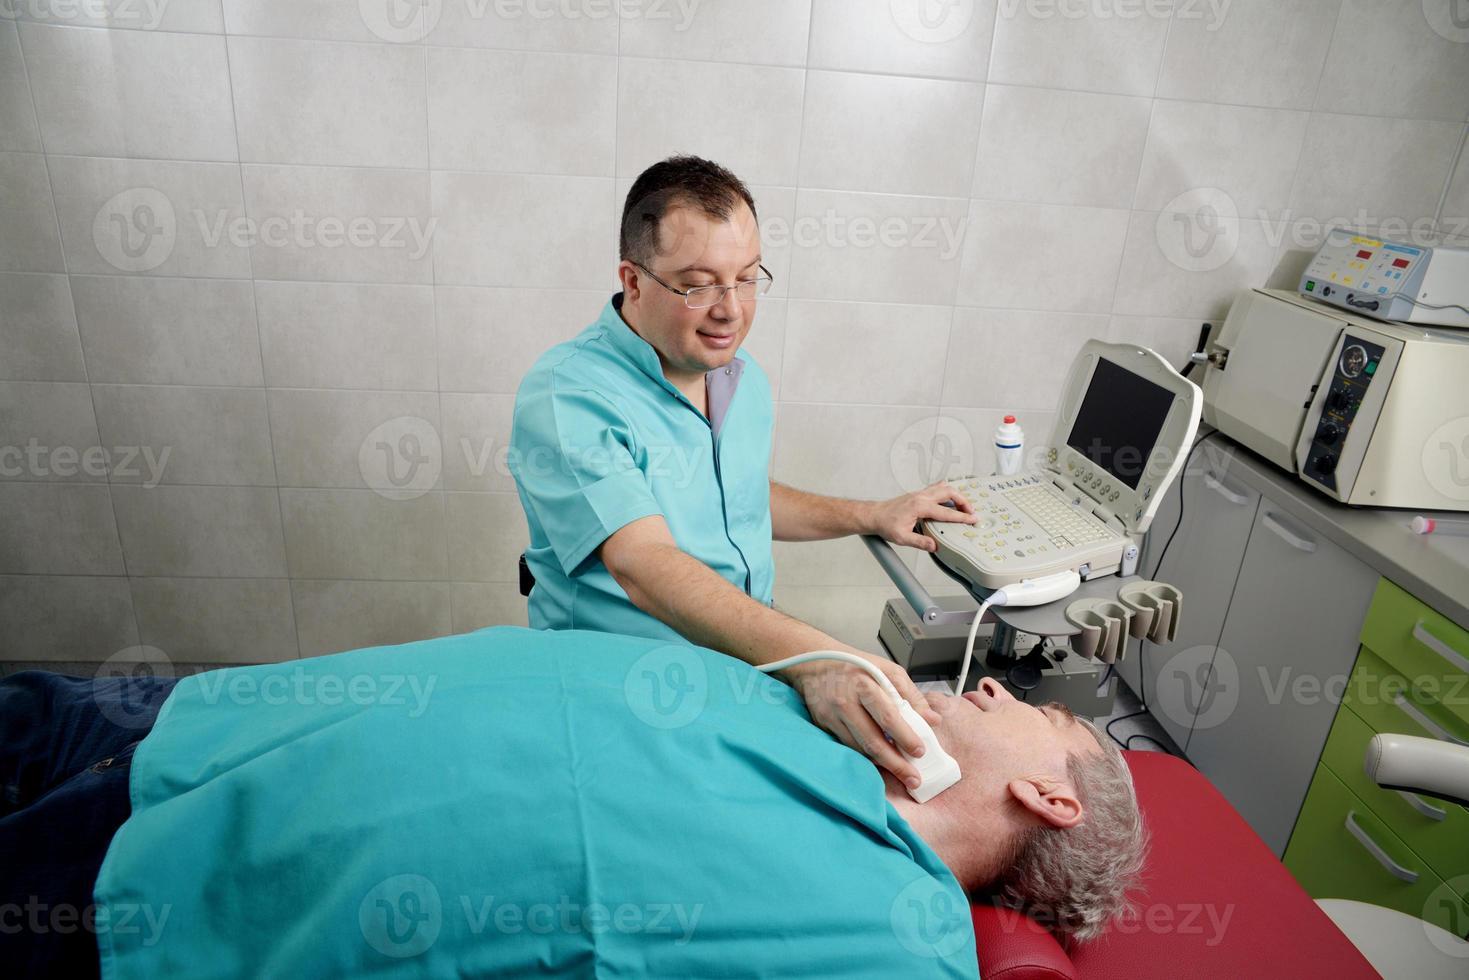 homem, obtendo o exame feito por um profissional médico foto